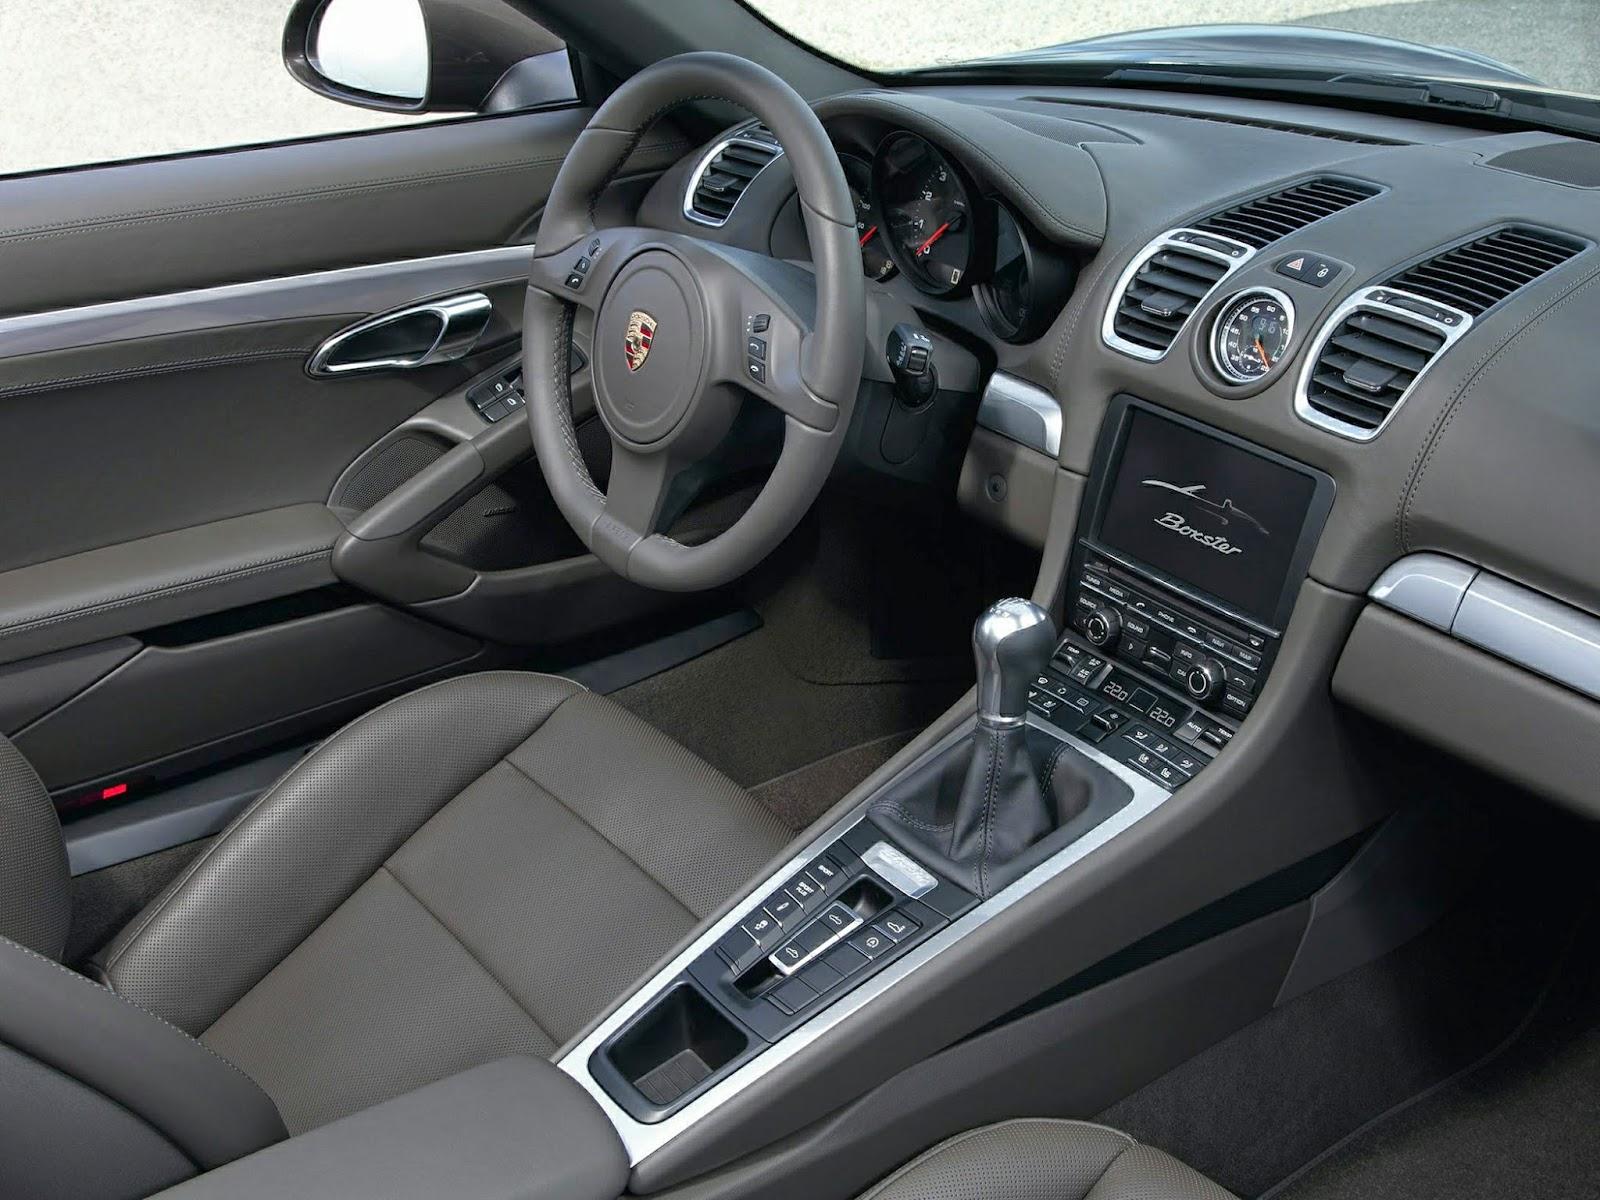 Interior Of Porsche Boxster